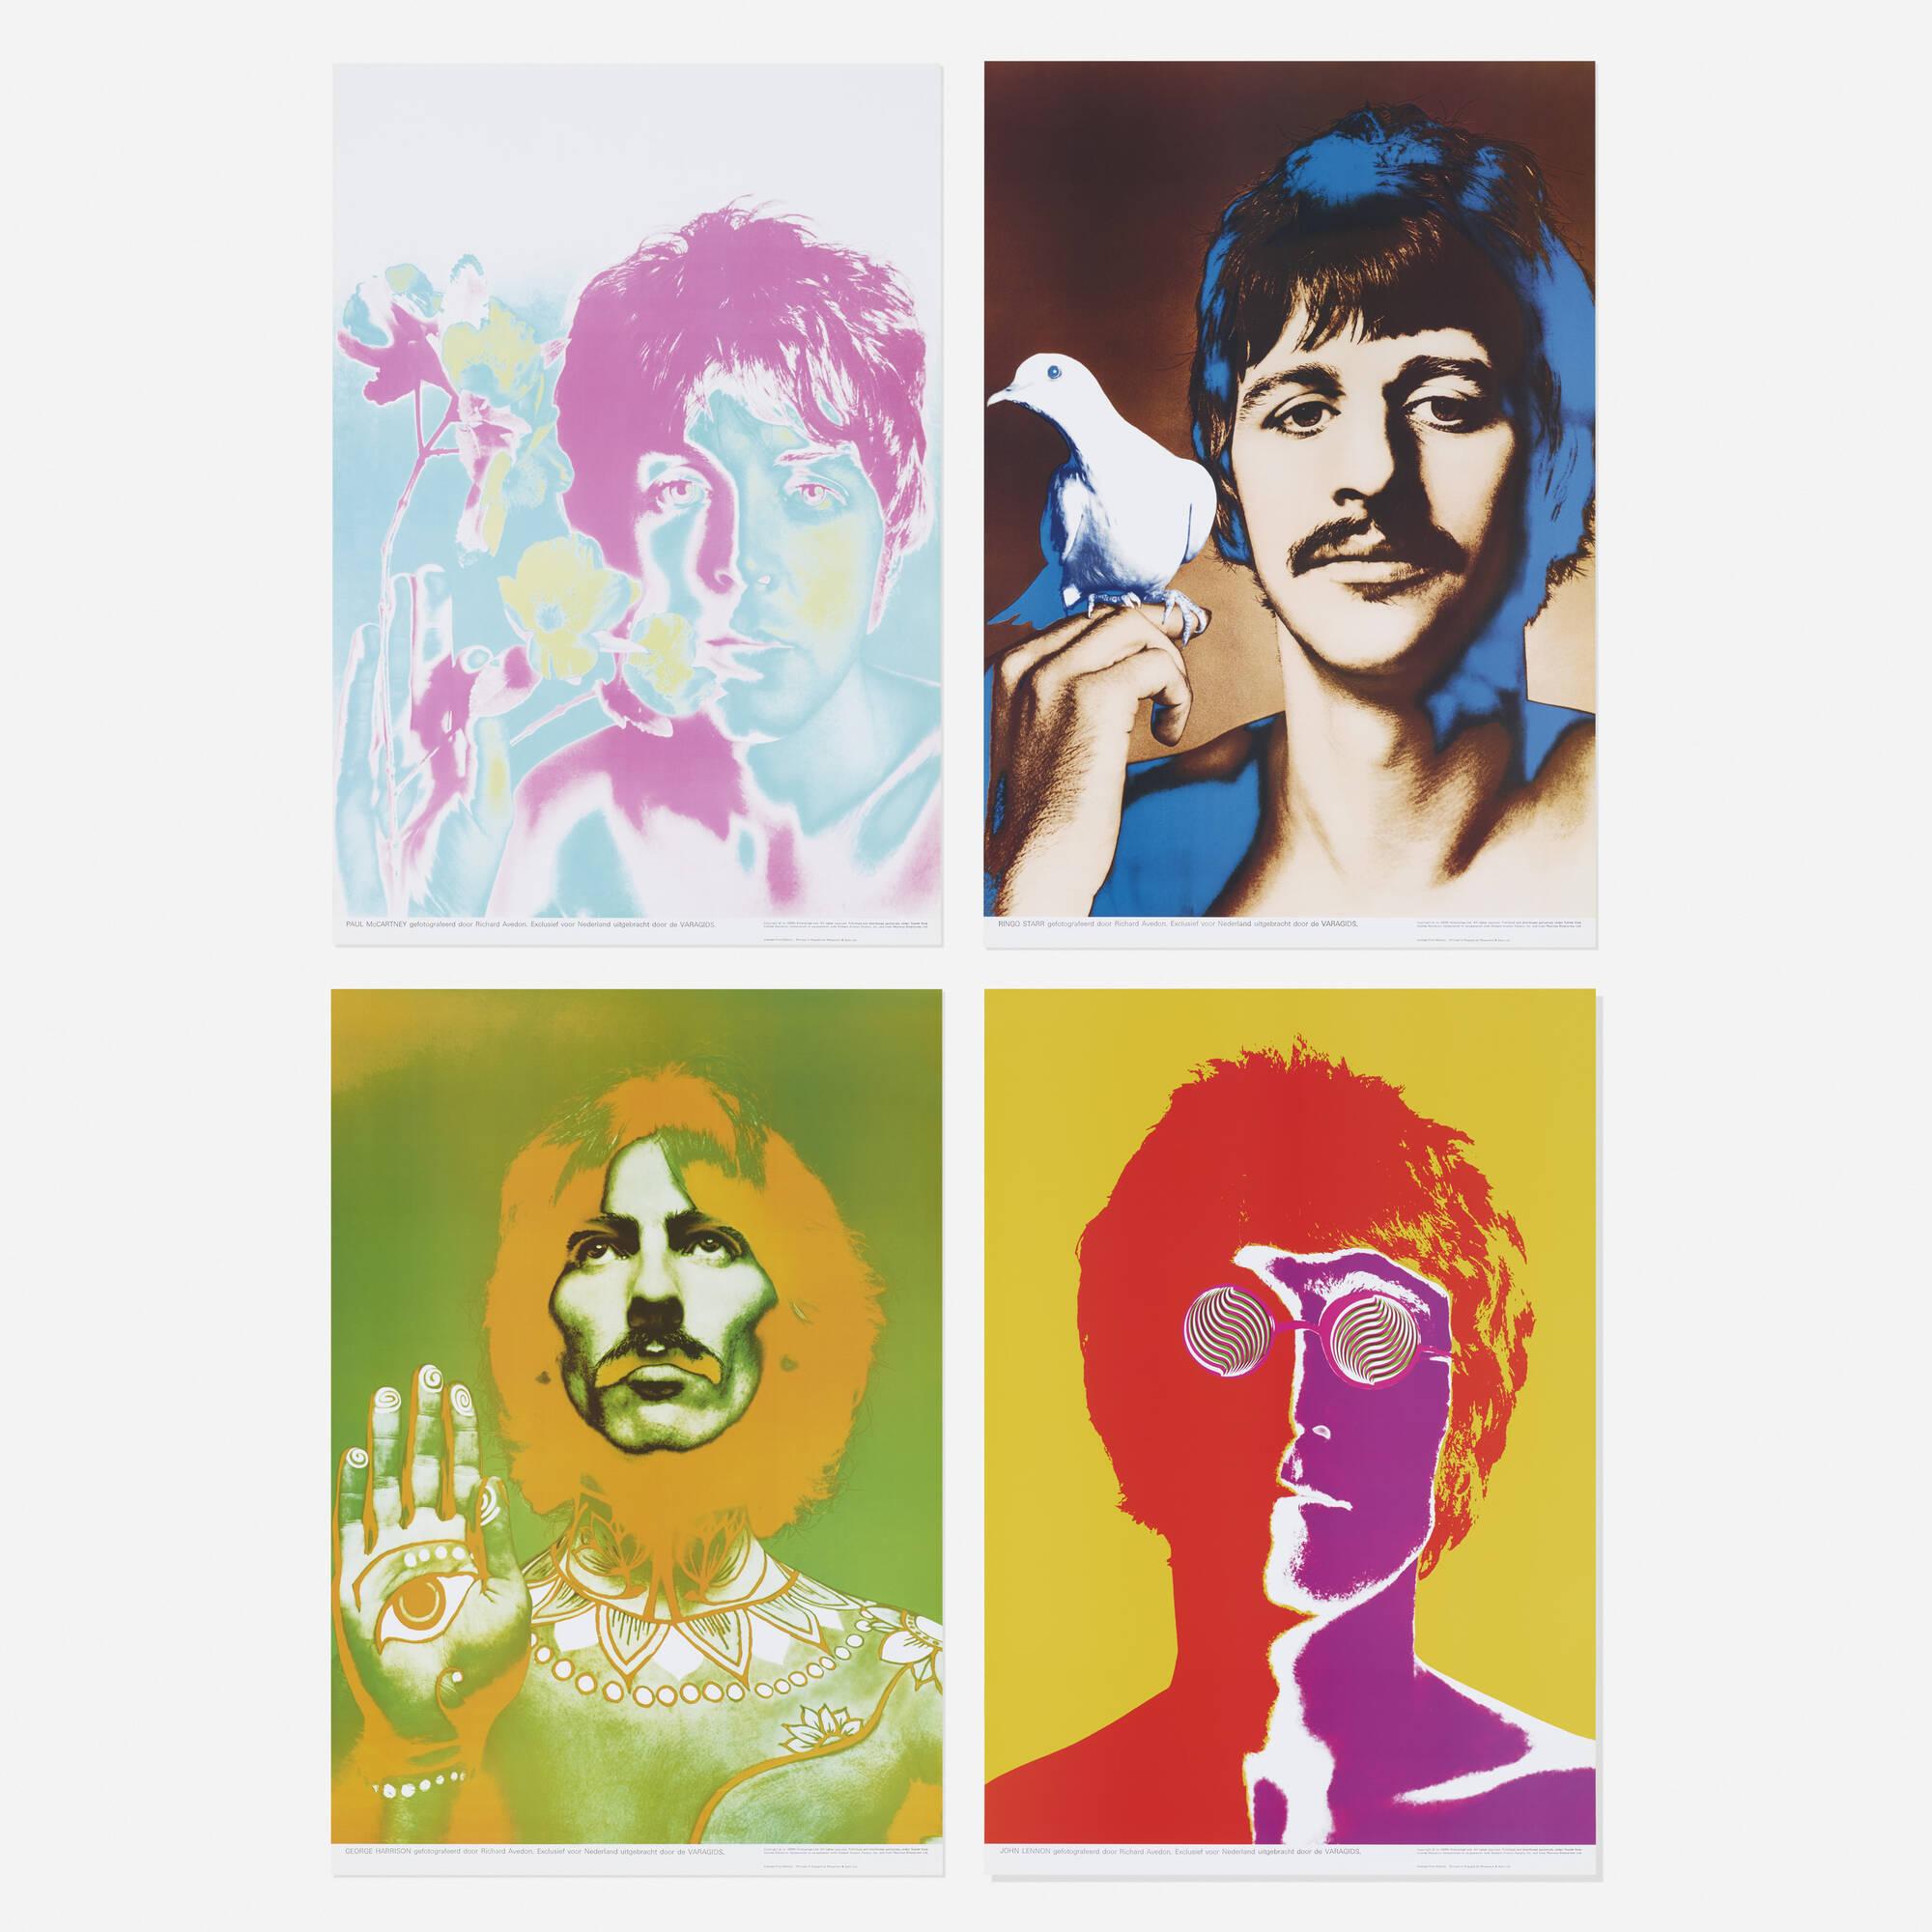 271: Richard Avedon / The Beatles (portfolio of four works) (1 of 1)